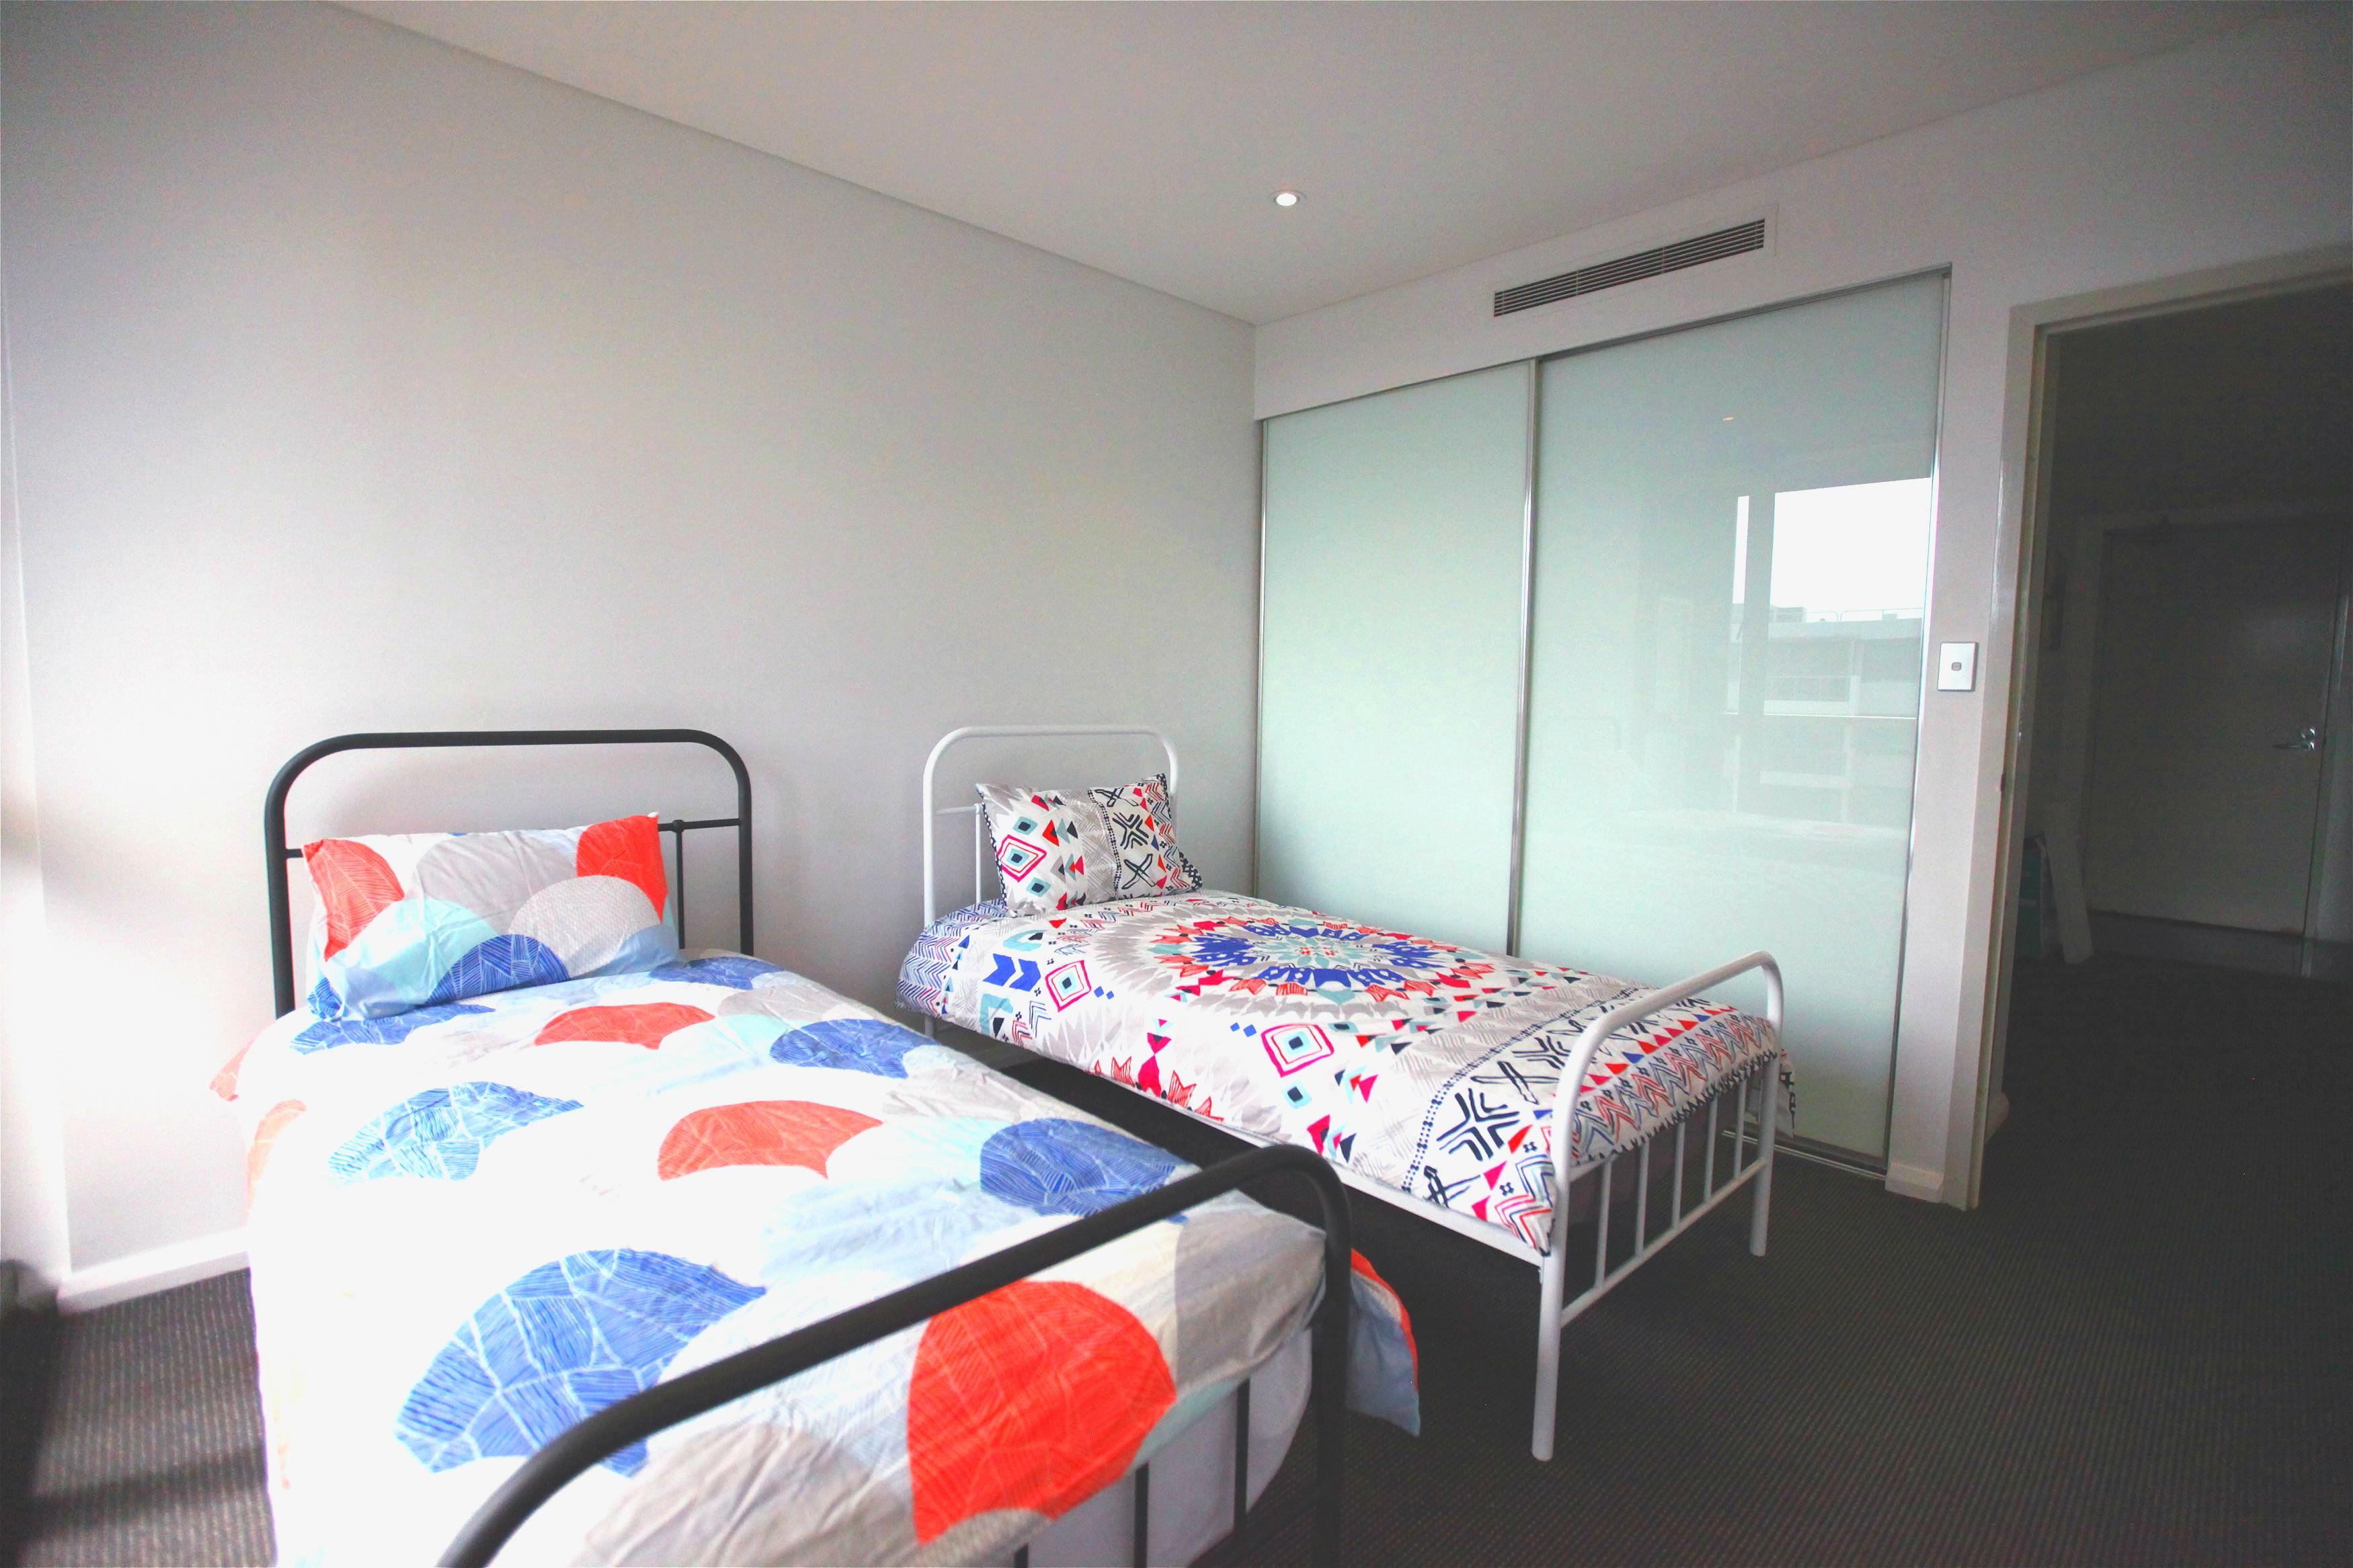 228 2bedroom 2